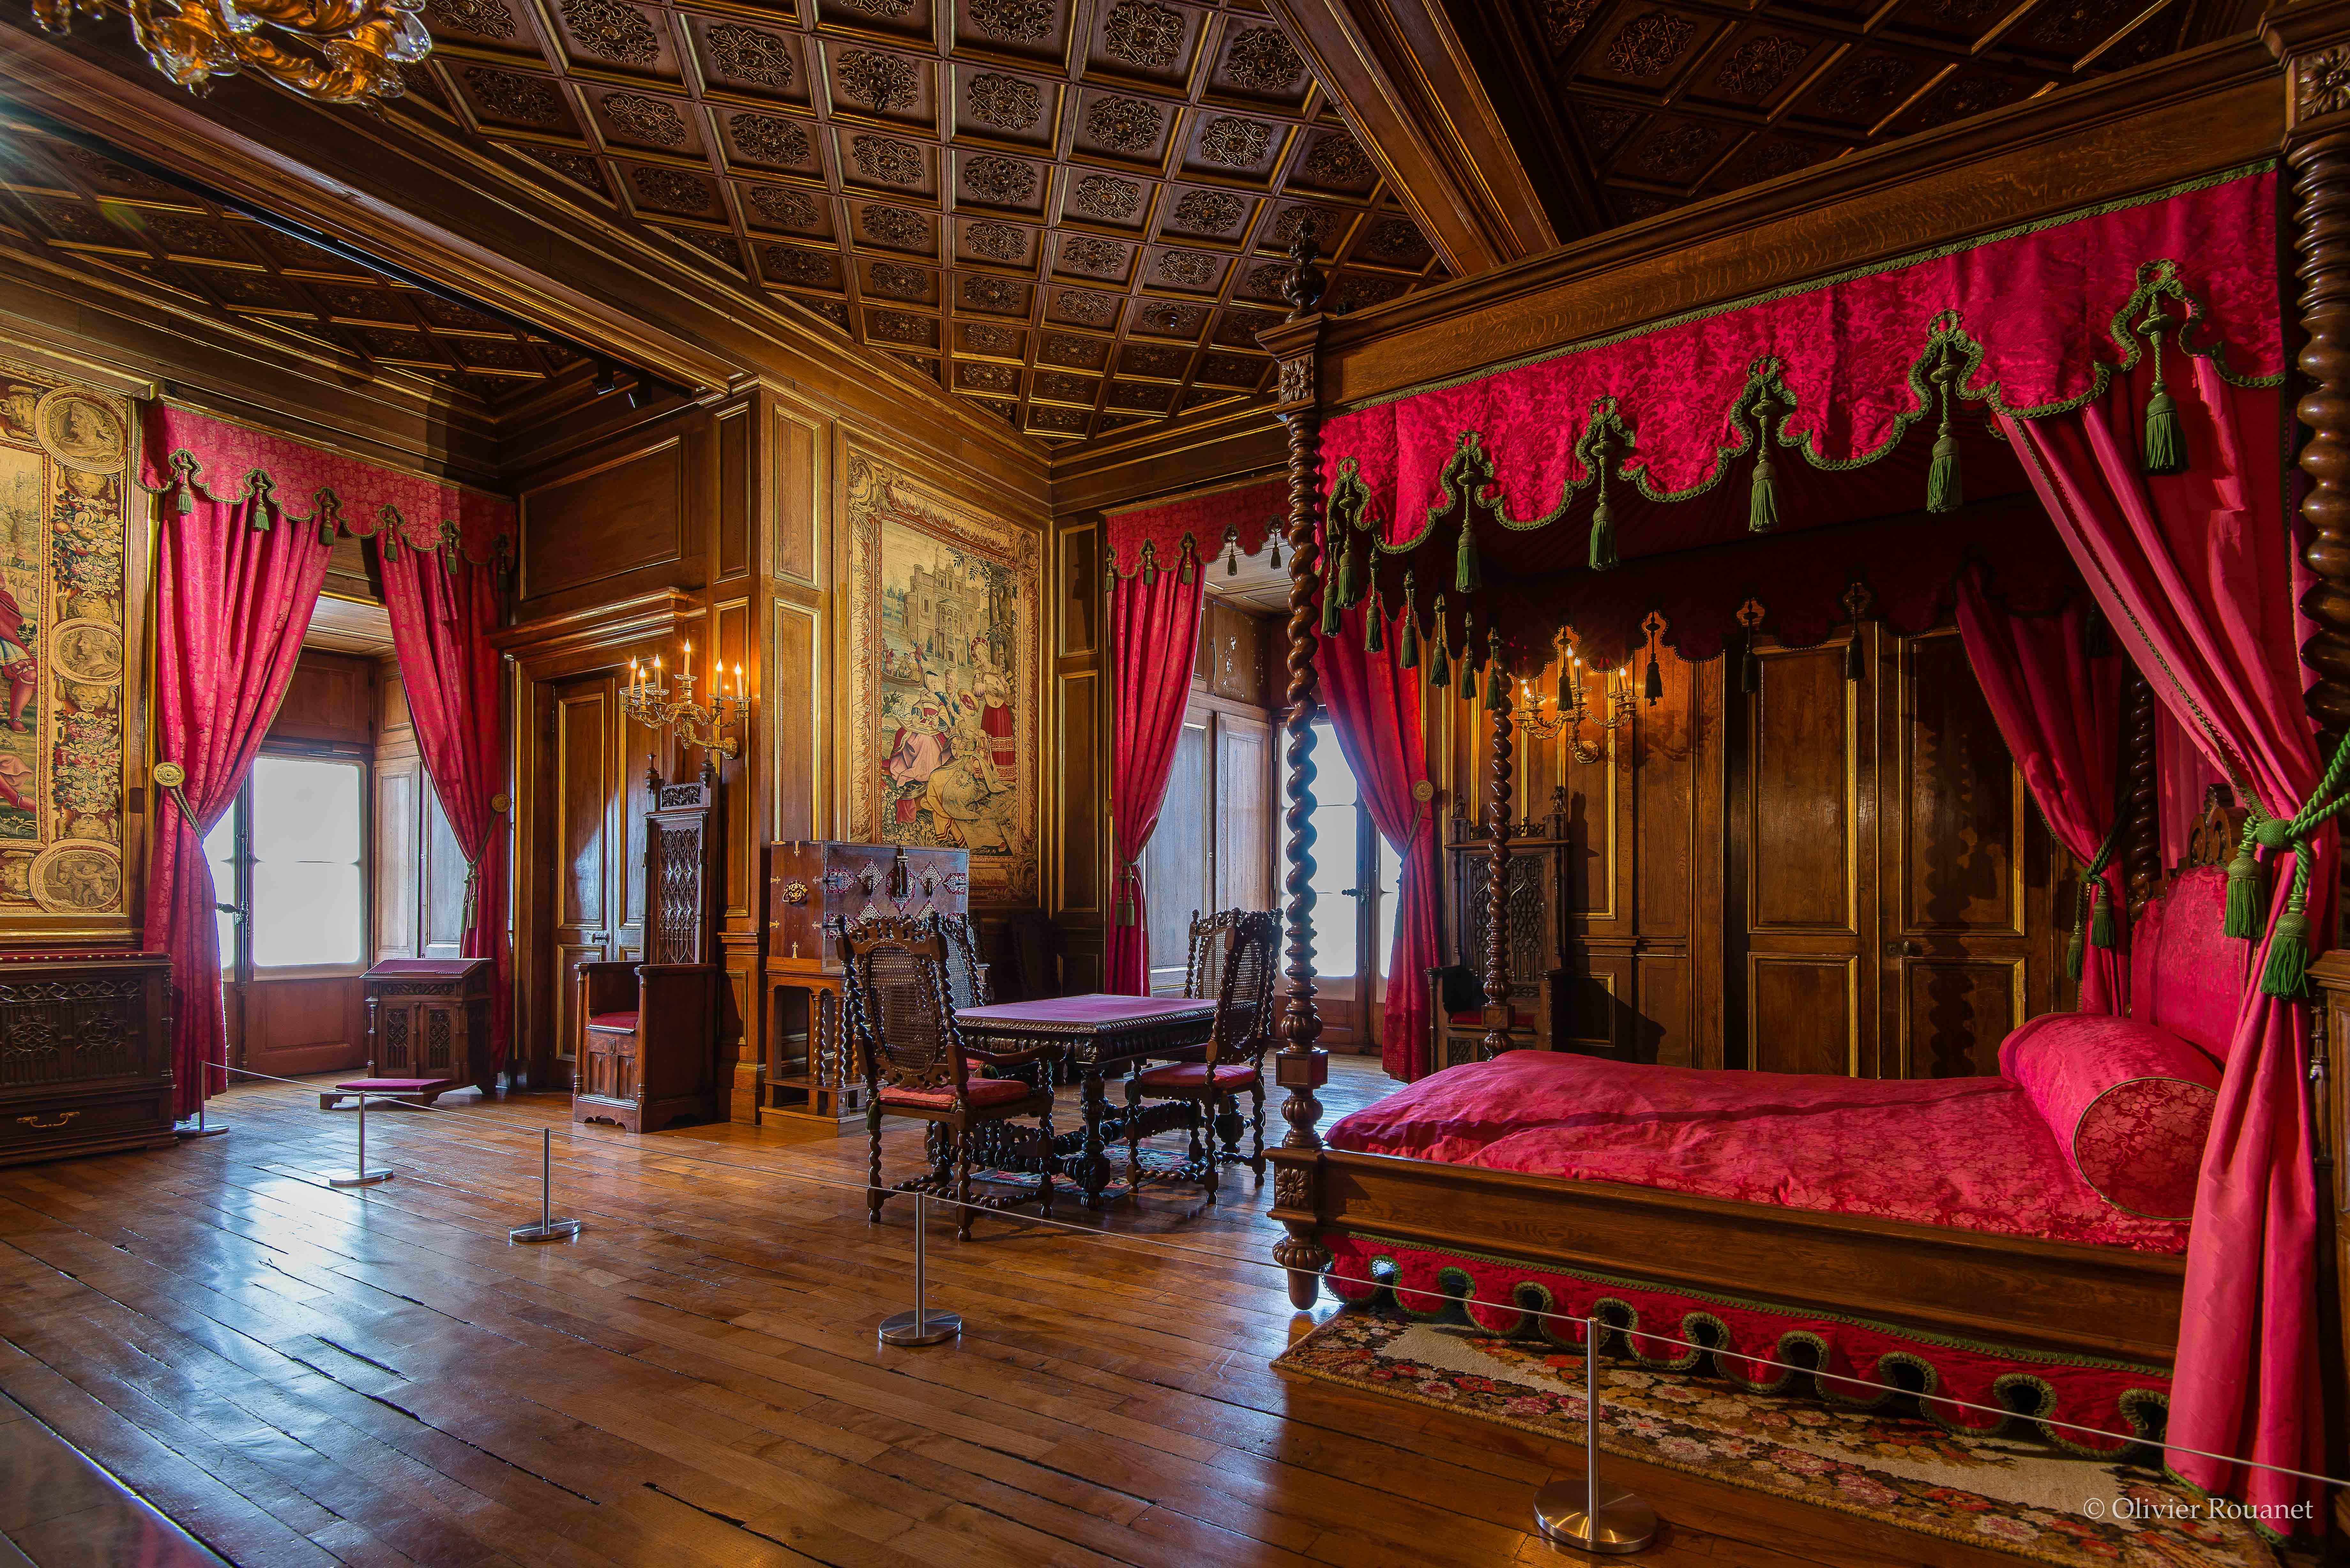 Chambre de l'empereur - Château de Pau - vue d'ensemble